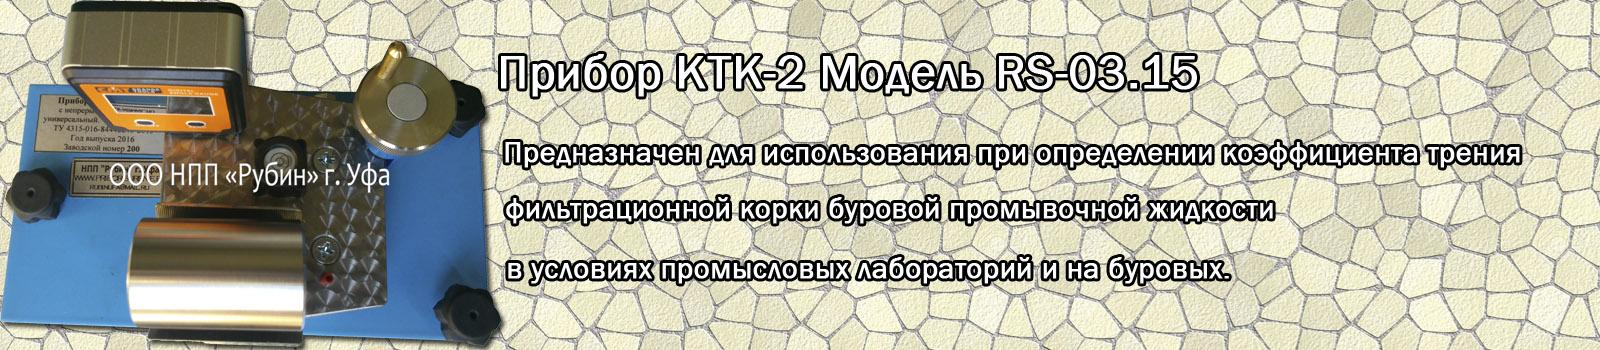 Прибор КТК-2 Модель RS-03.15